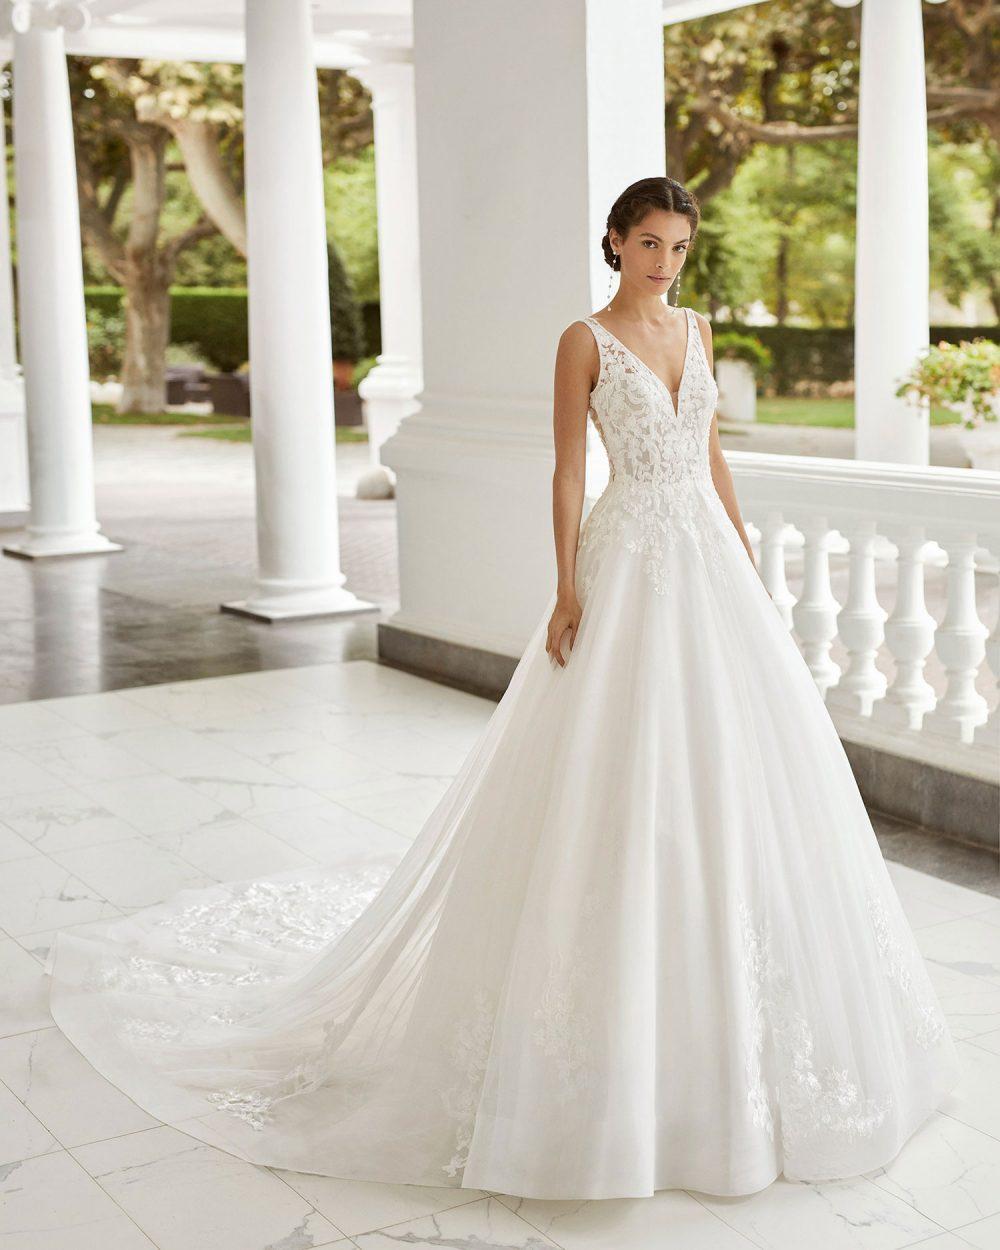 Rosa Clarà 2022 abito vestito sposa Vicenza SIONA